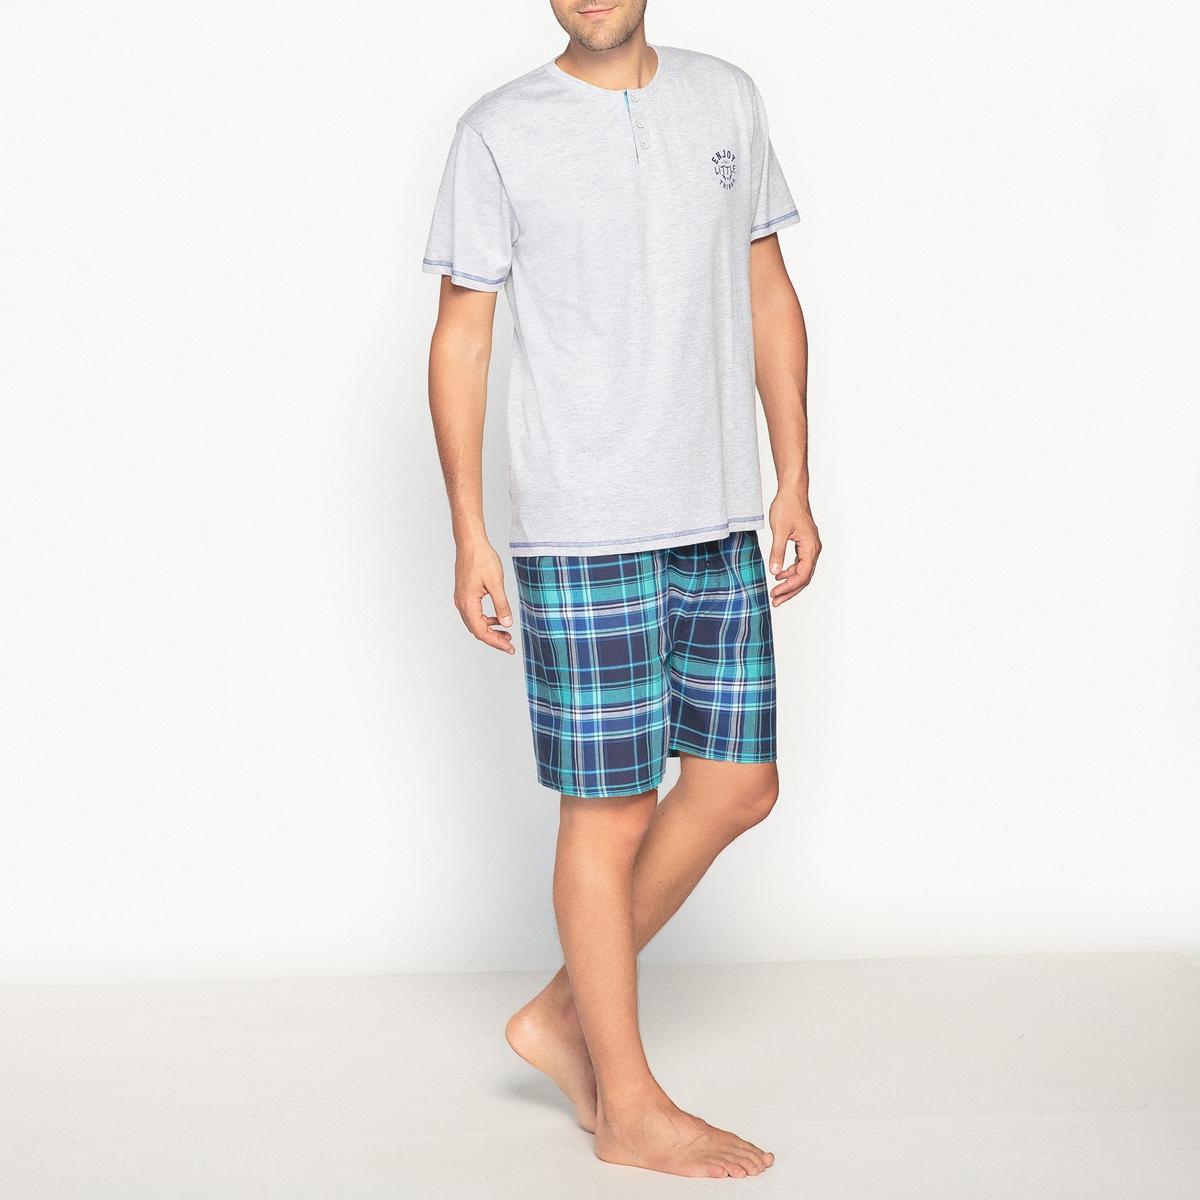 Пижама с принтом и короткими рукавамиПижама с принтом, красивым узором в клетку и высоким тунисским воротом, легкая и удобная как ночью, так и днем во время отдыха . Состав и описание :Пижама с шортами с короткими, тунисским вырезом и вставкой с принтом   рукавами.Шорты на эластичном поясе с завязками . Застежка на пуговицах . Материал : 100% хлопок                цвет серый меланж, верх 92% хлопка, 8% полиэстера Уход :  Стирать с вещами подобного цвета при 40°Стирать и гладить с изнанки на низкой температуре .Машинная сушка запрещена.<br><br>Цвет: серый меланж/в синюю клетку,темно-синий/в красную клетку<br>Размер: M